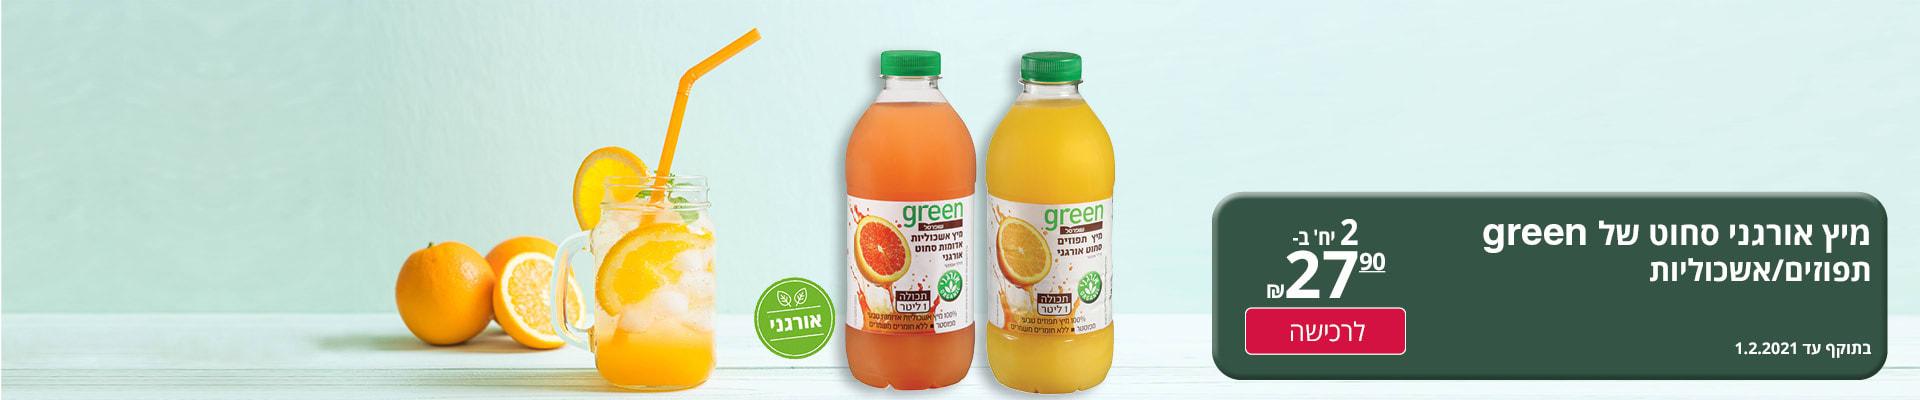 מיץ אורגני סחוט של green תפוזים / אשכוליות 2 יח' ב- 27.90 ₪ לרכישה בתוקף עד 1.2.2021